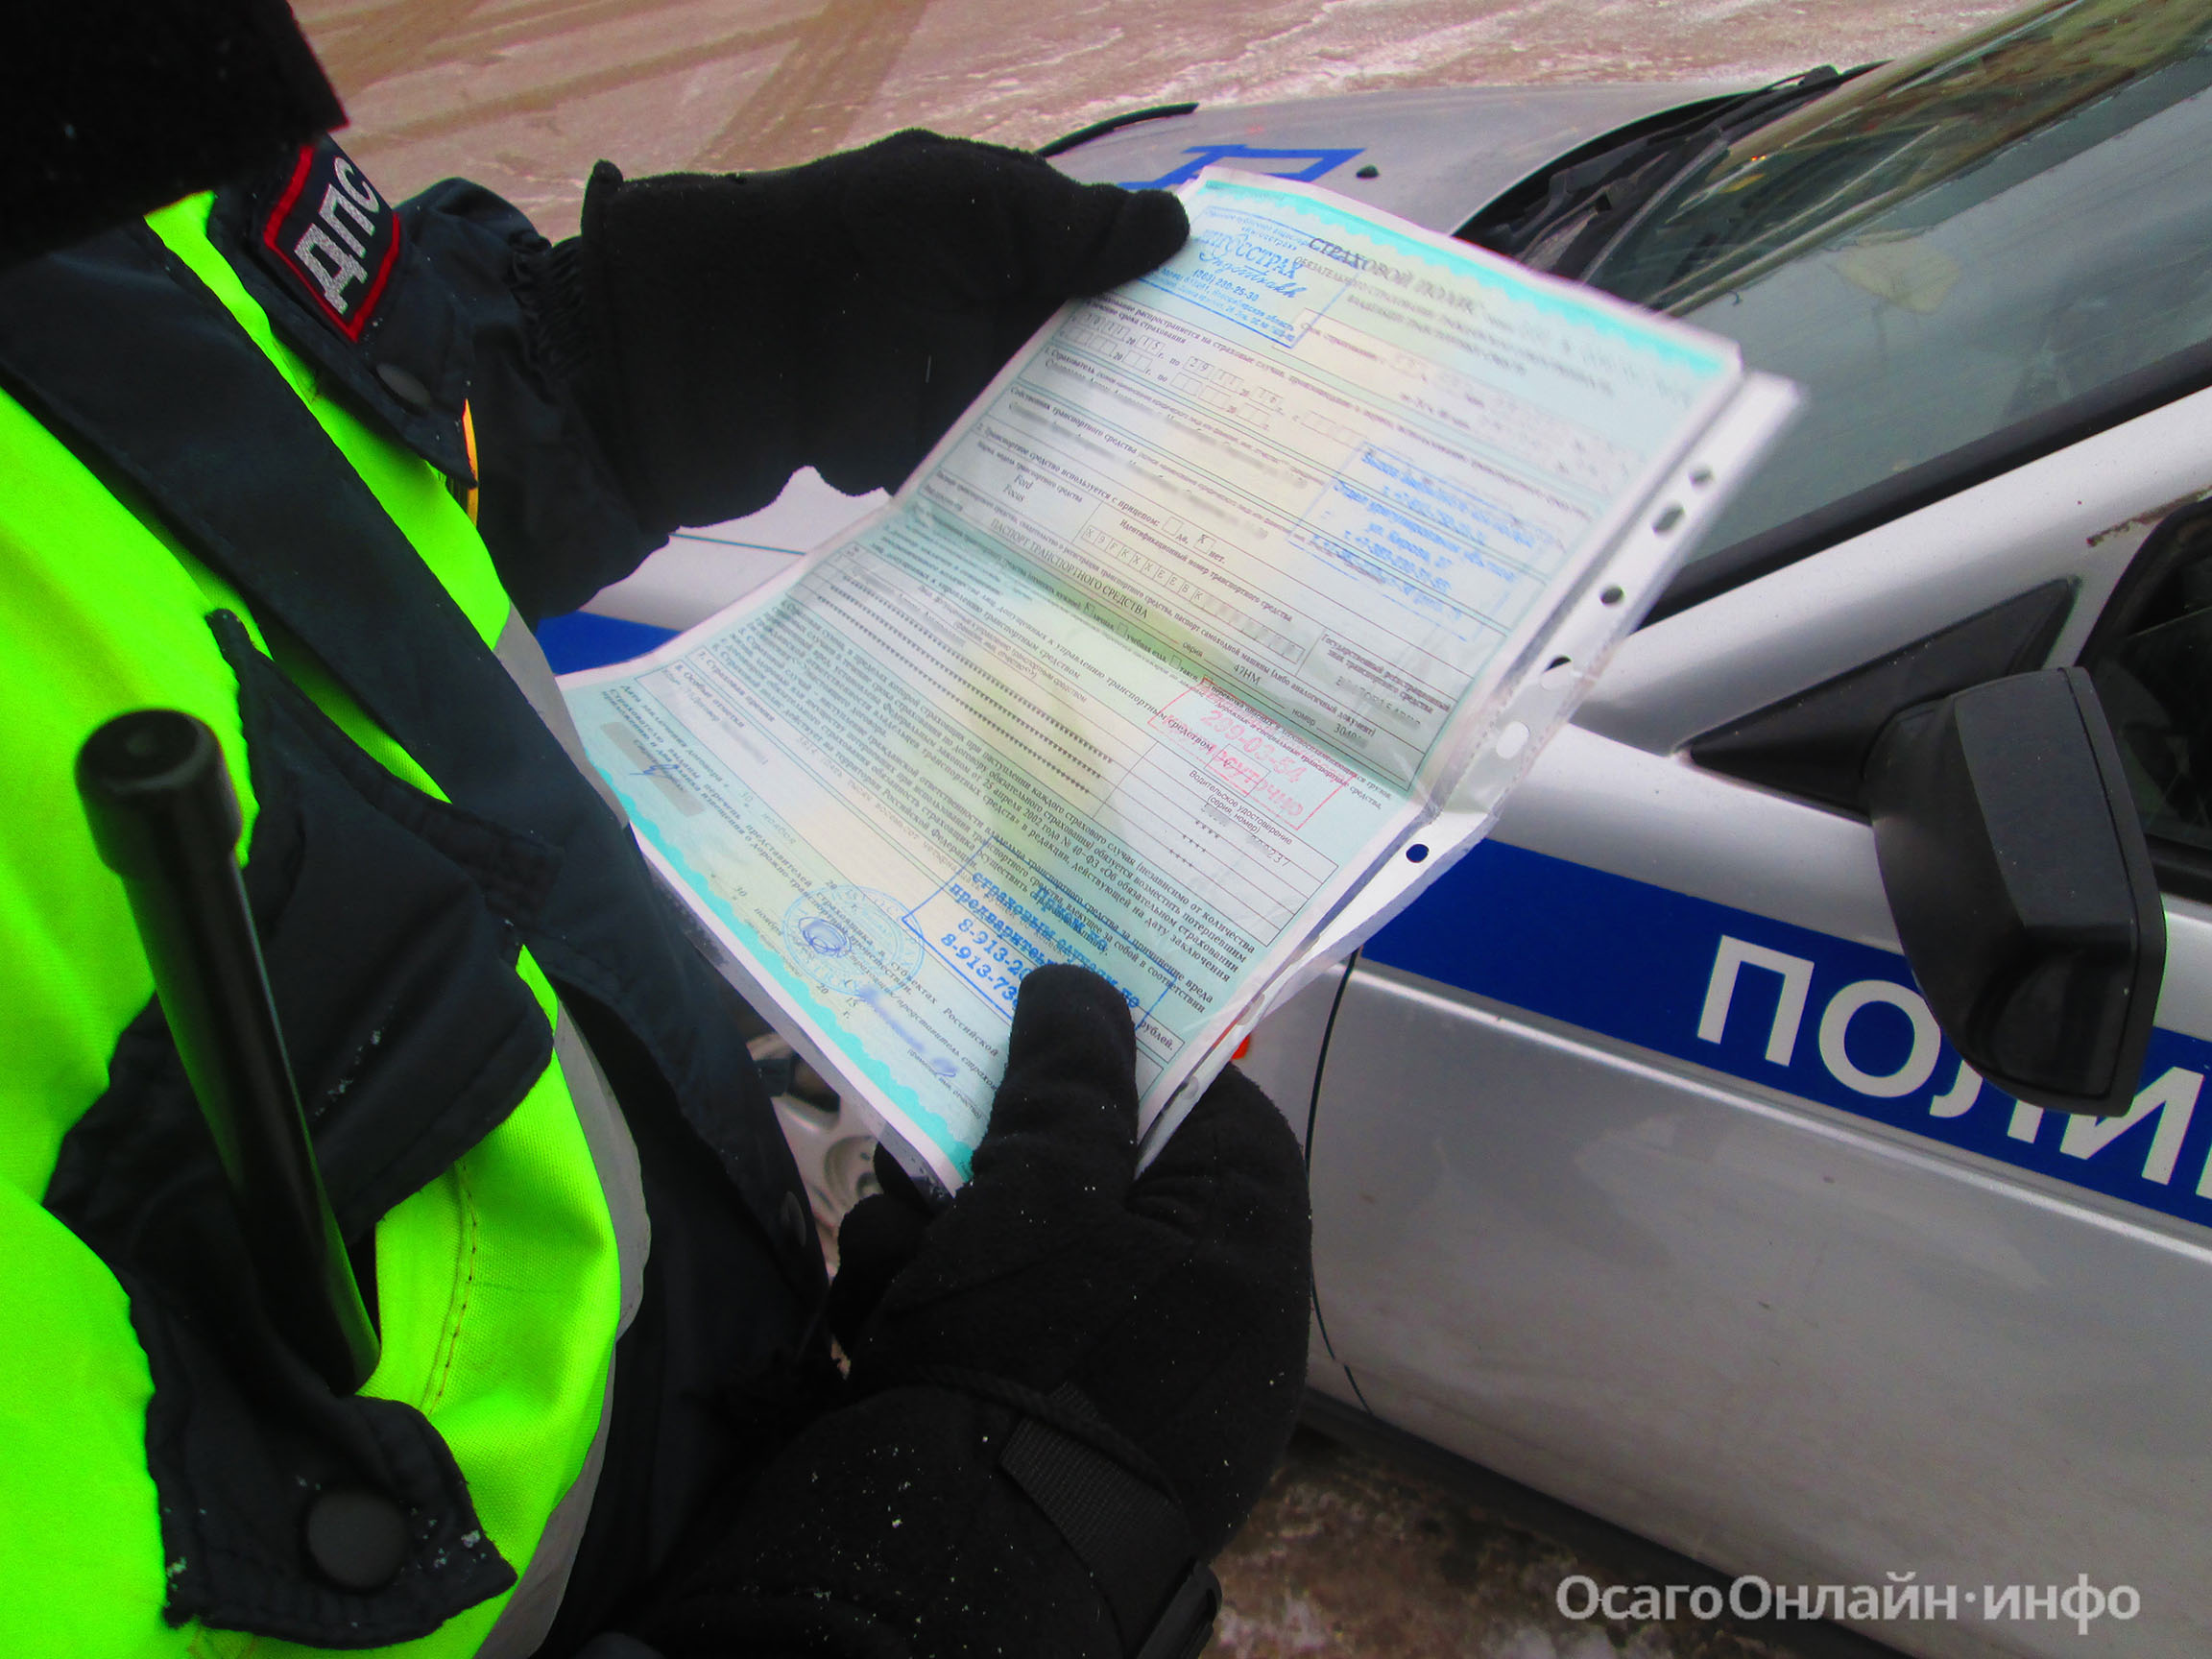 Реаленли отказ отбумажных полисов Осаго— Удар побюрократии